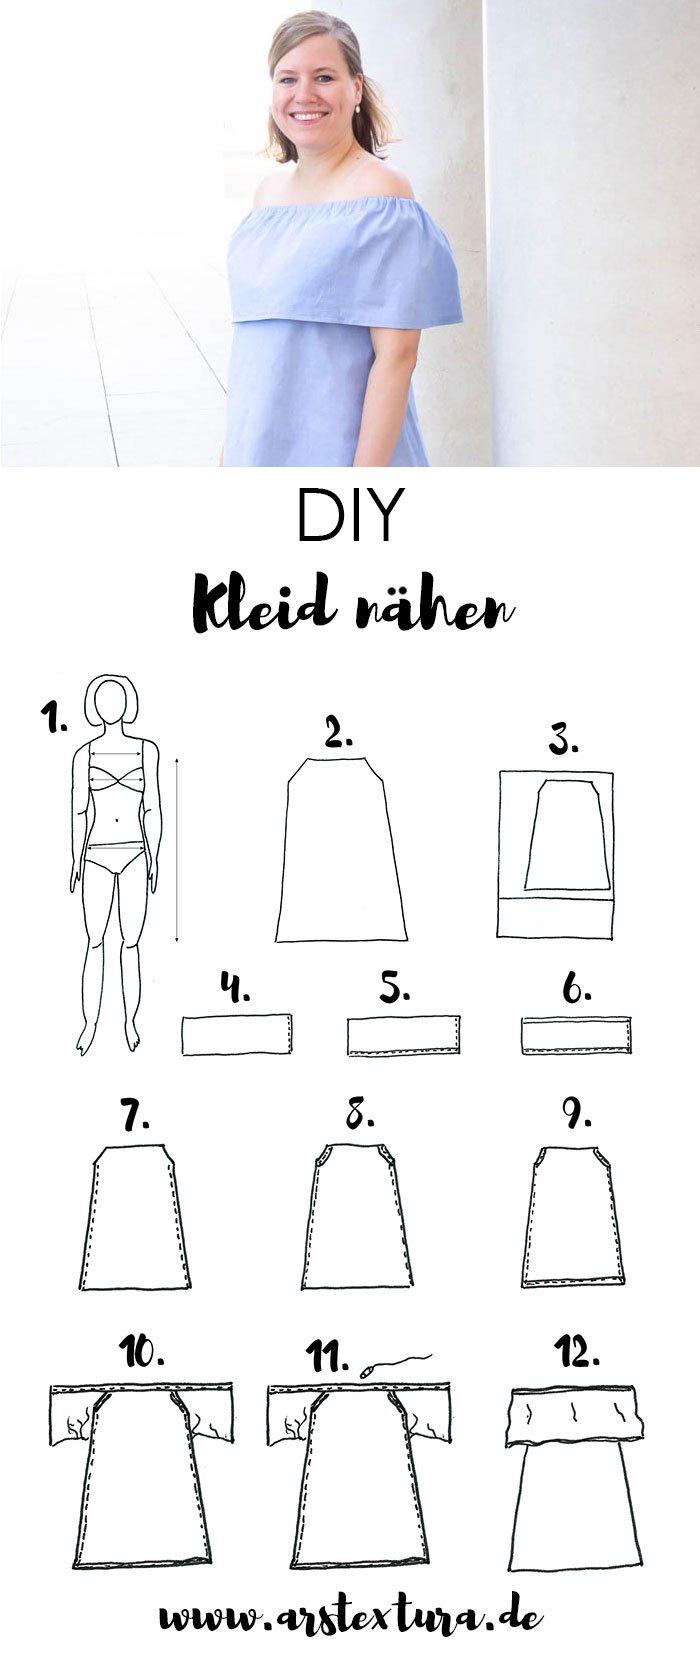 DIY einfaches schulterfreies Kleid nähen